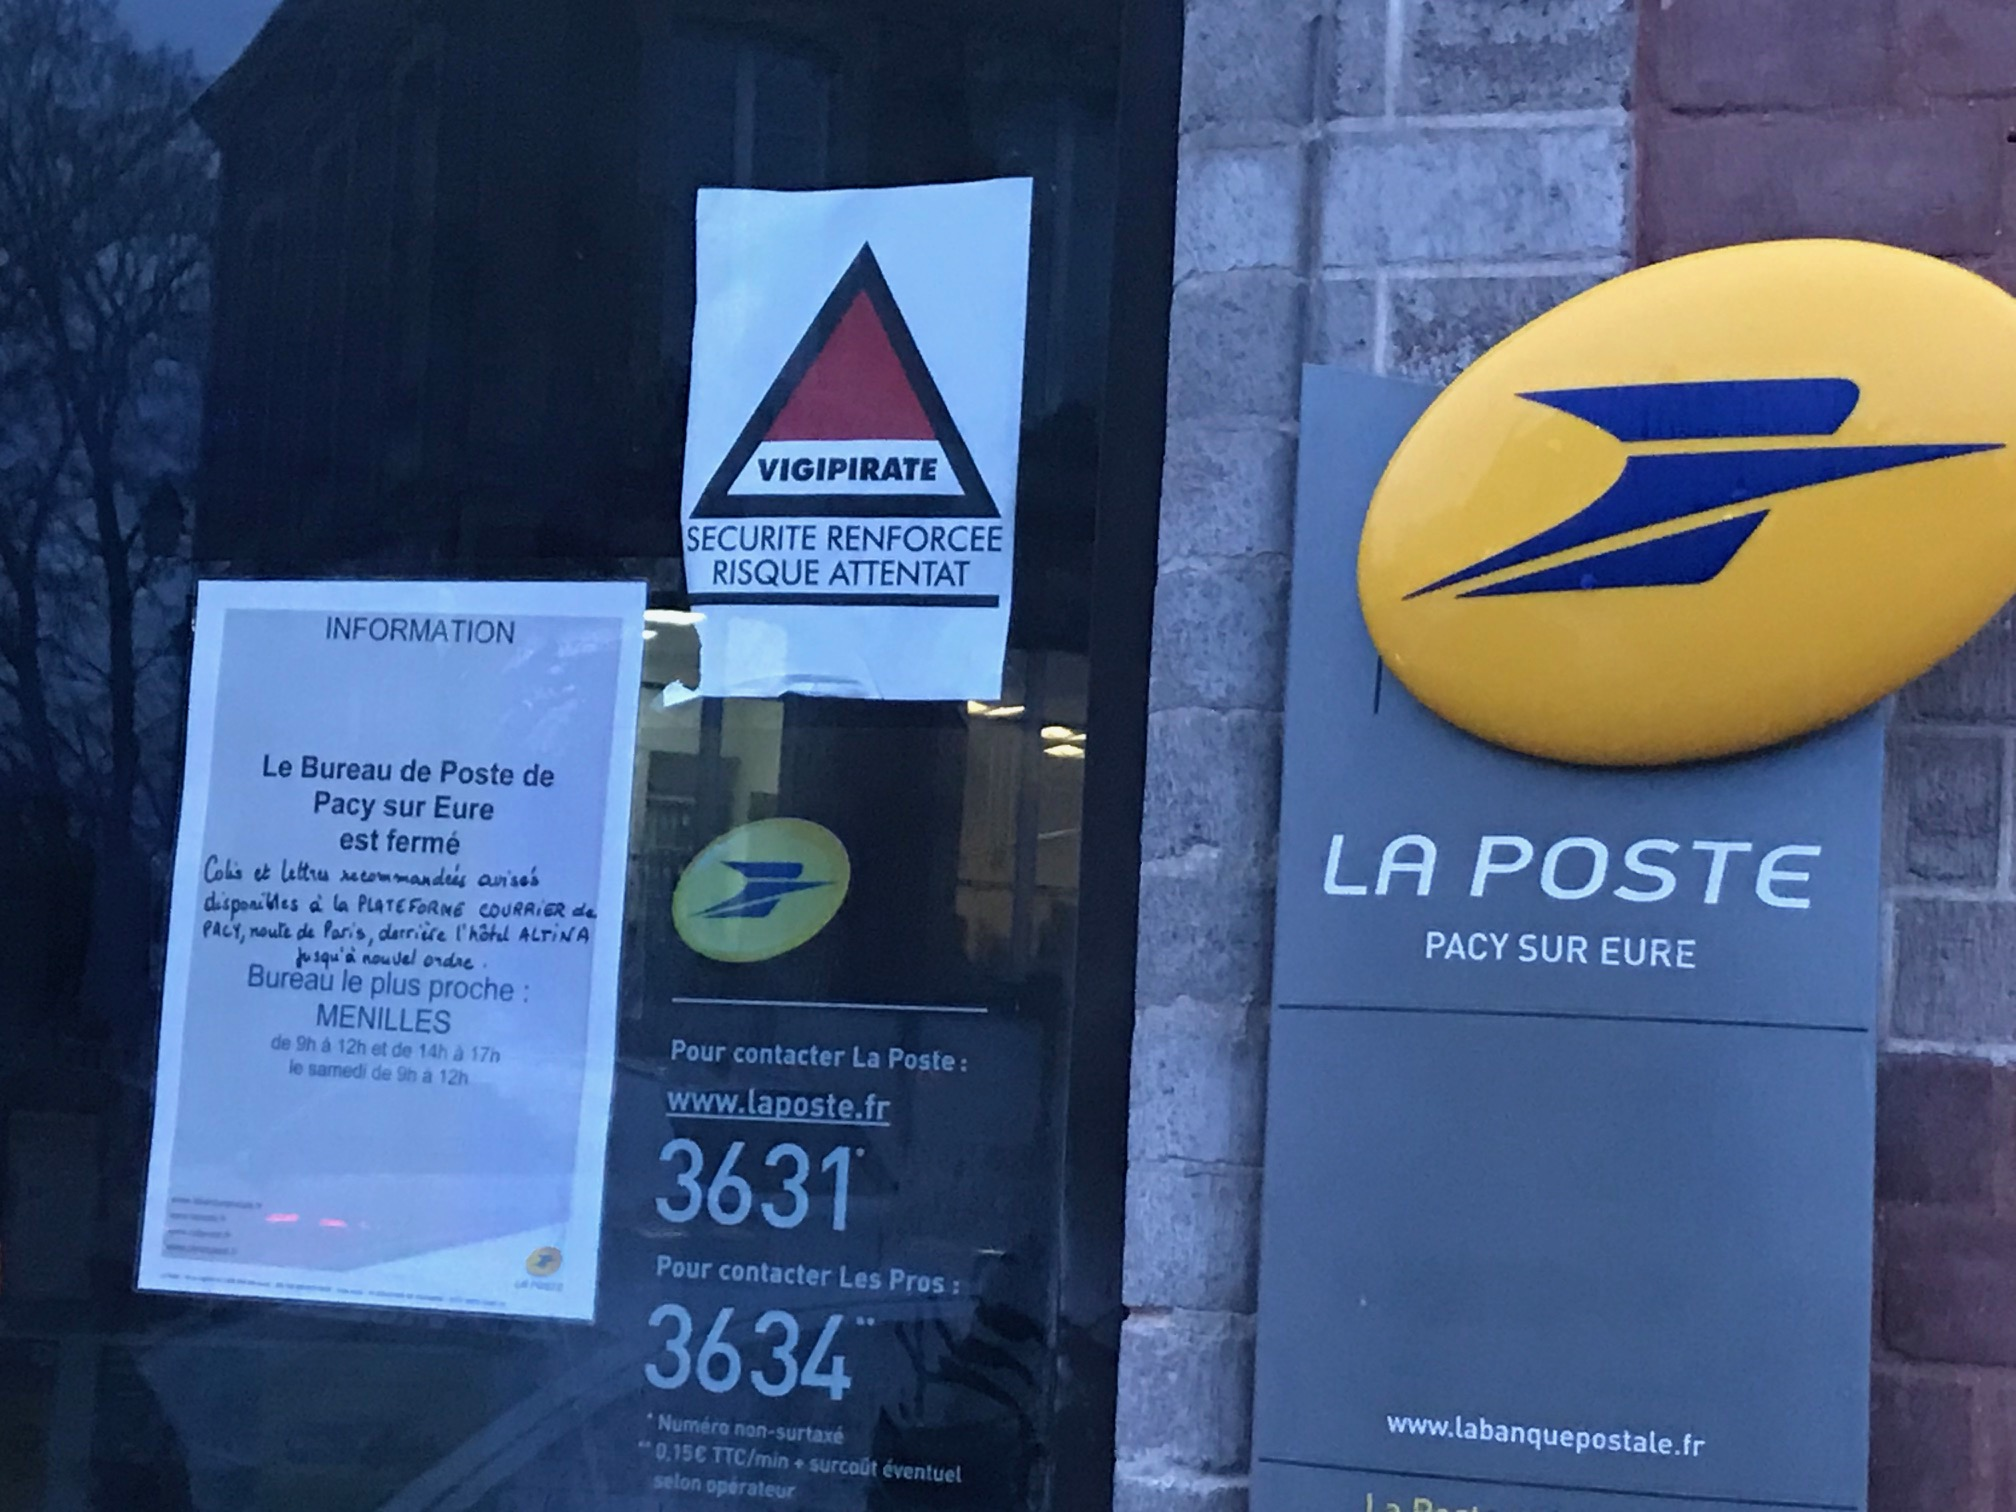 Le bureau de poste devrait rester fermé plusieurs semaines, en raison des dégâts importants constatés à l'intérieur (Photo © infoNormandie)